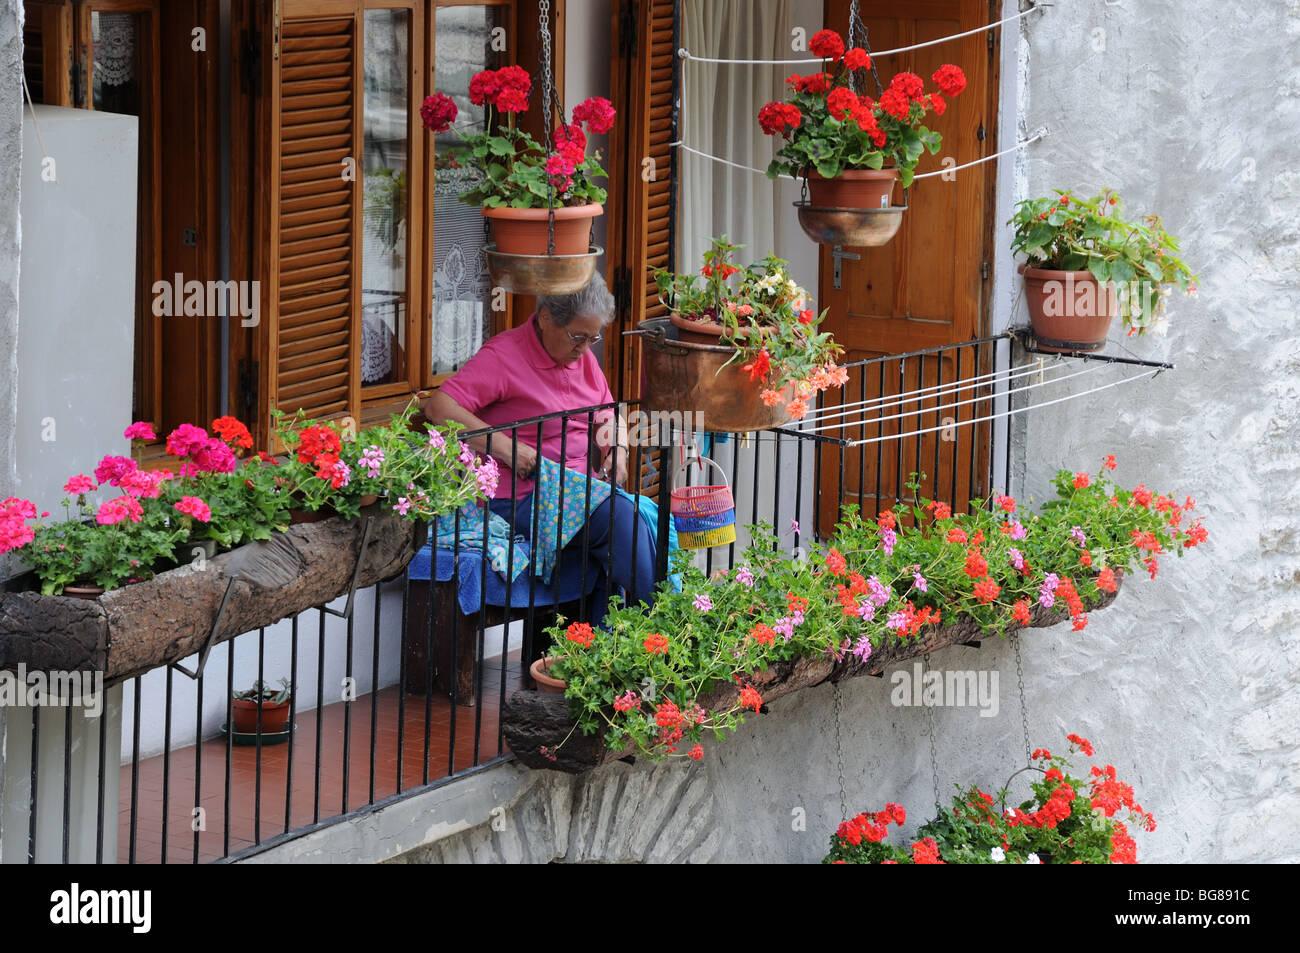 Alte Dame Nahen Auf Balkon Umgeben Von Balkonkasten Pflanzen Topfe